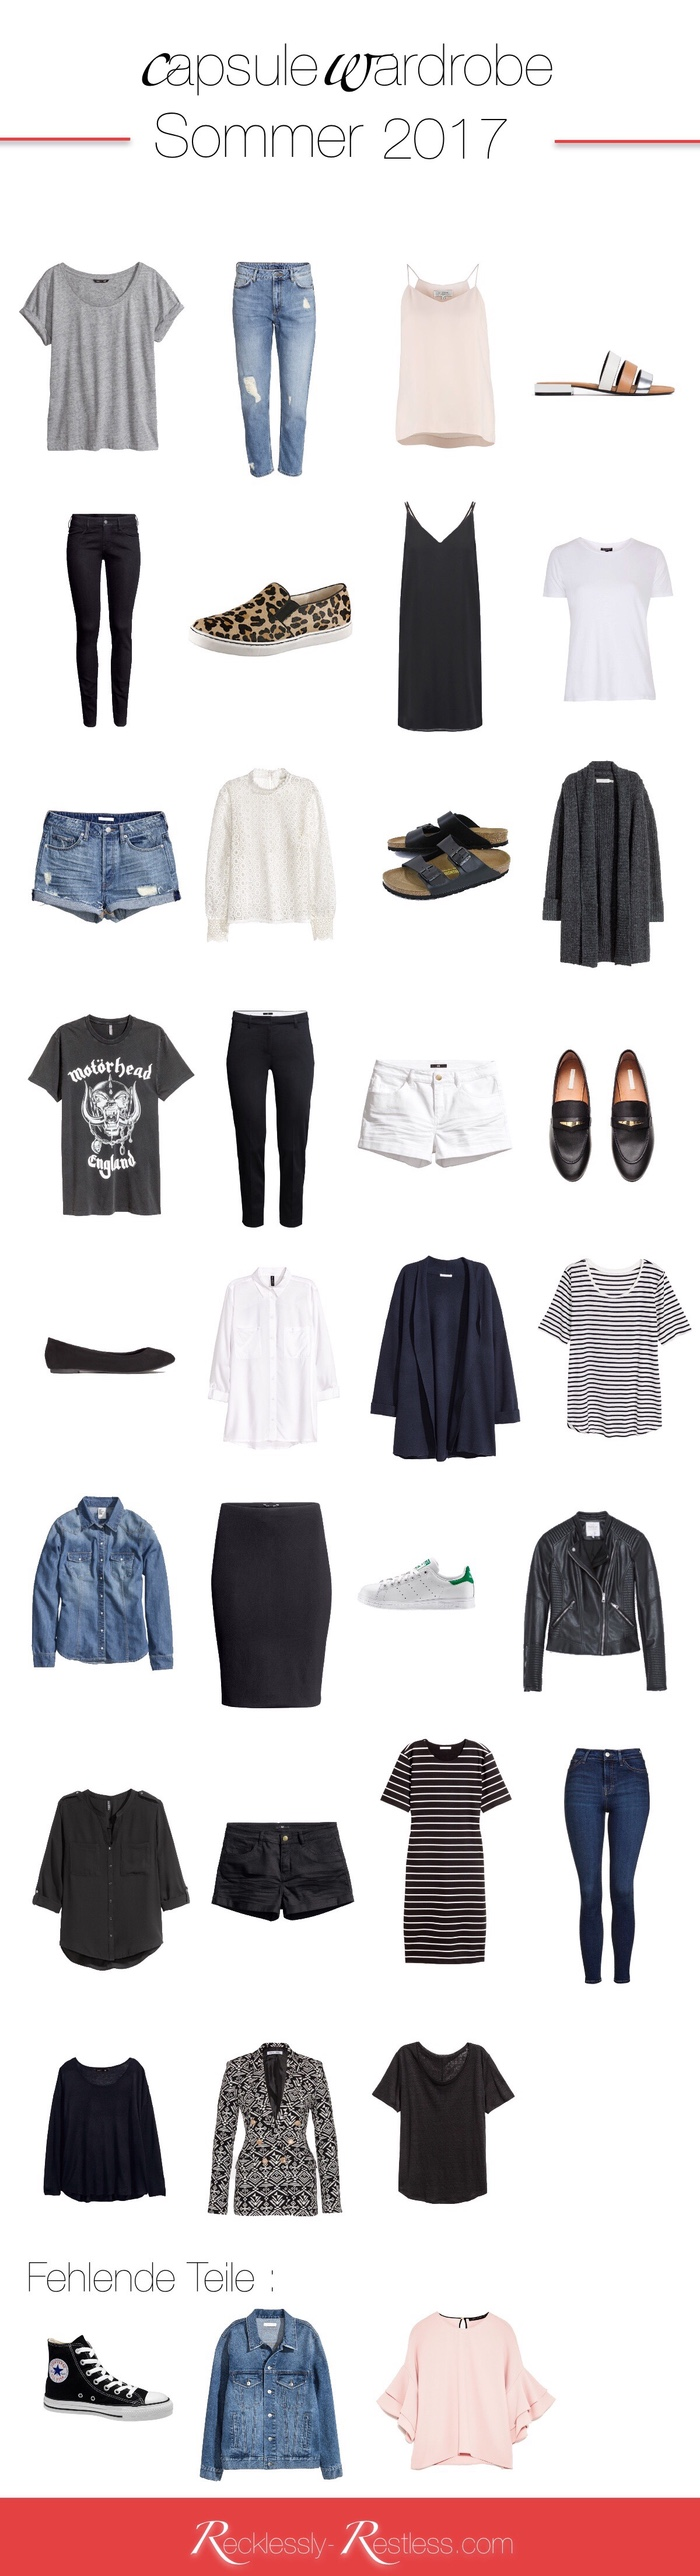 Summer Capsule Wardrobe 2017 - Sommer Capsule Wardrobe 2017